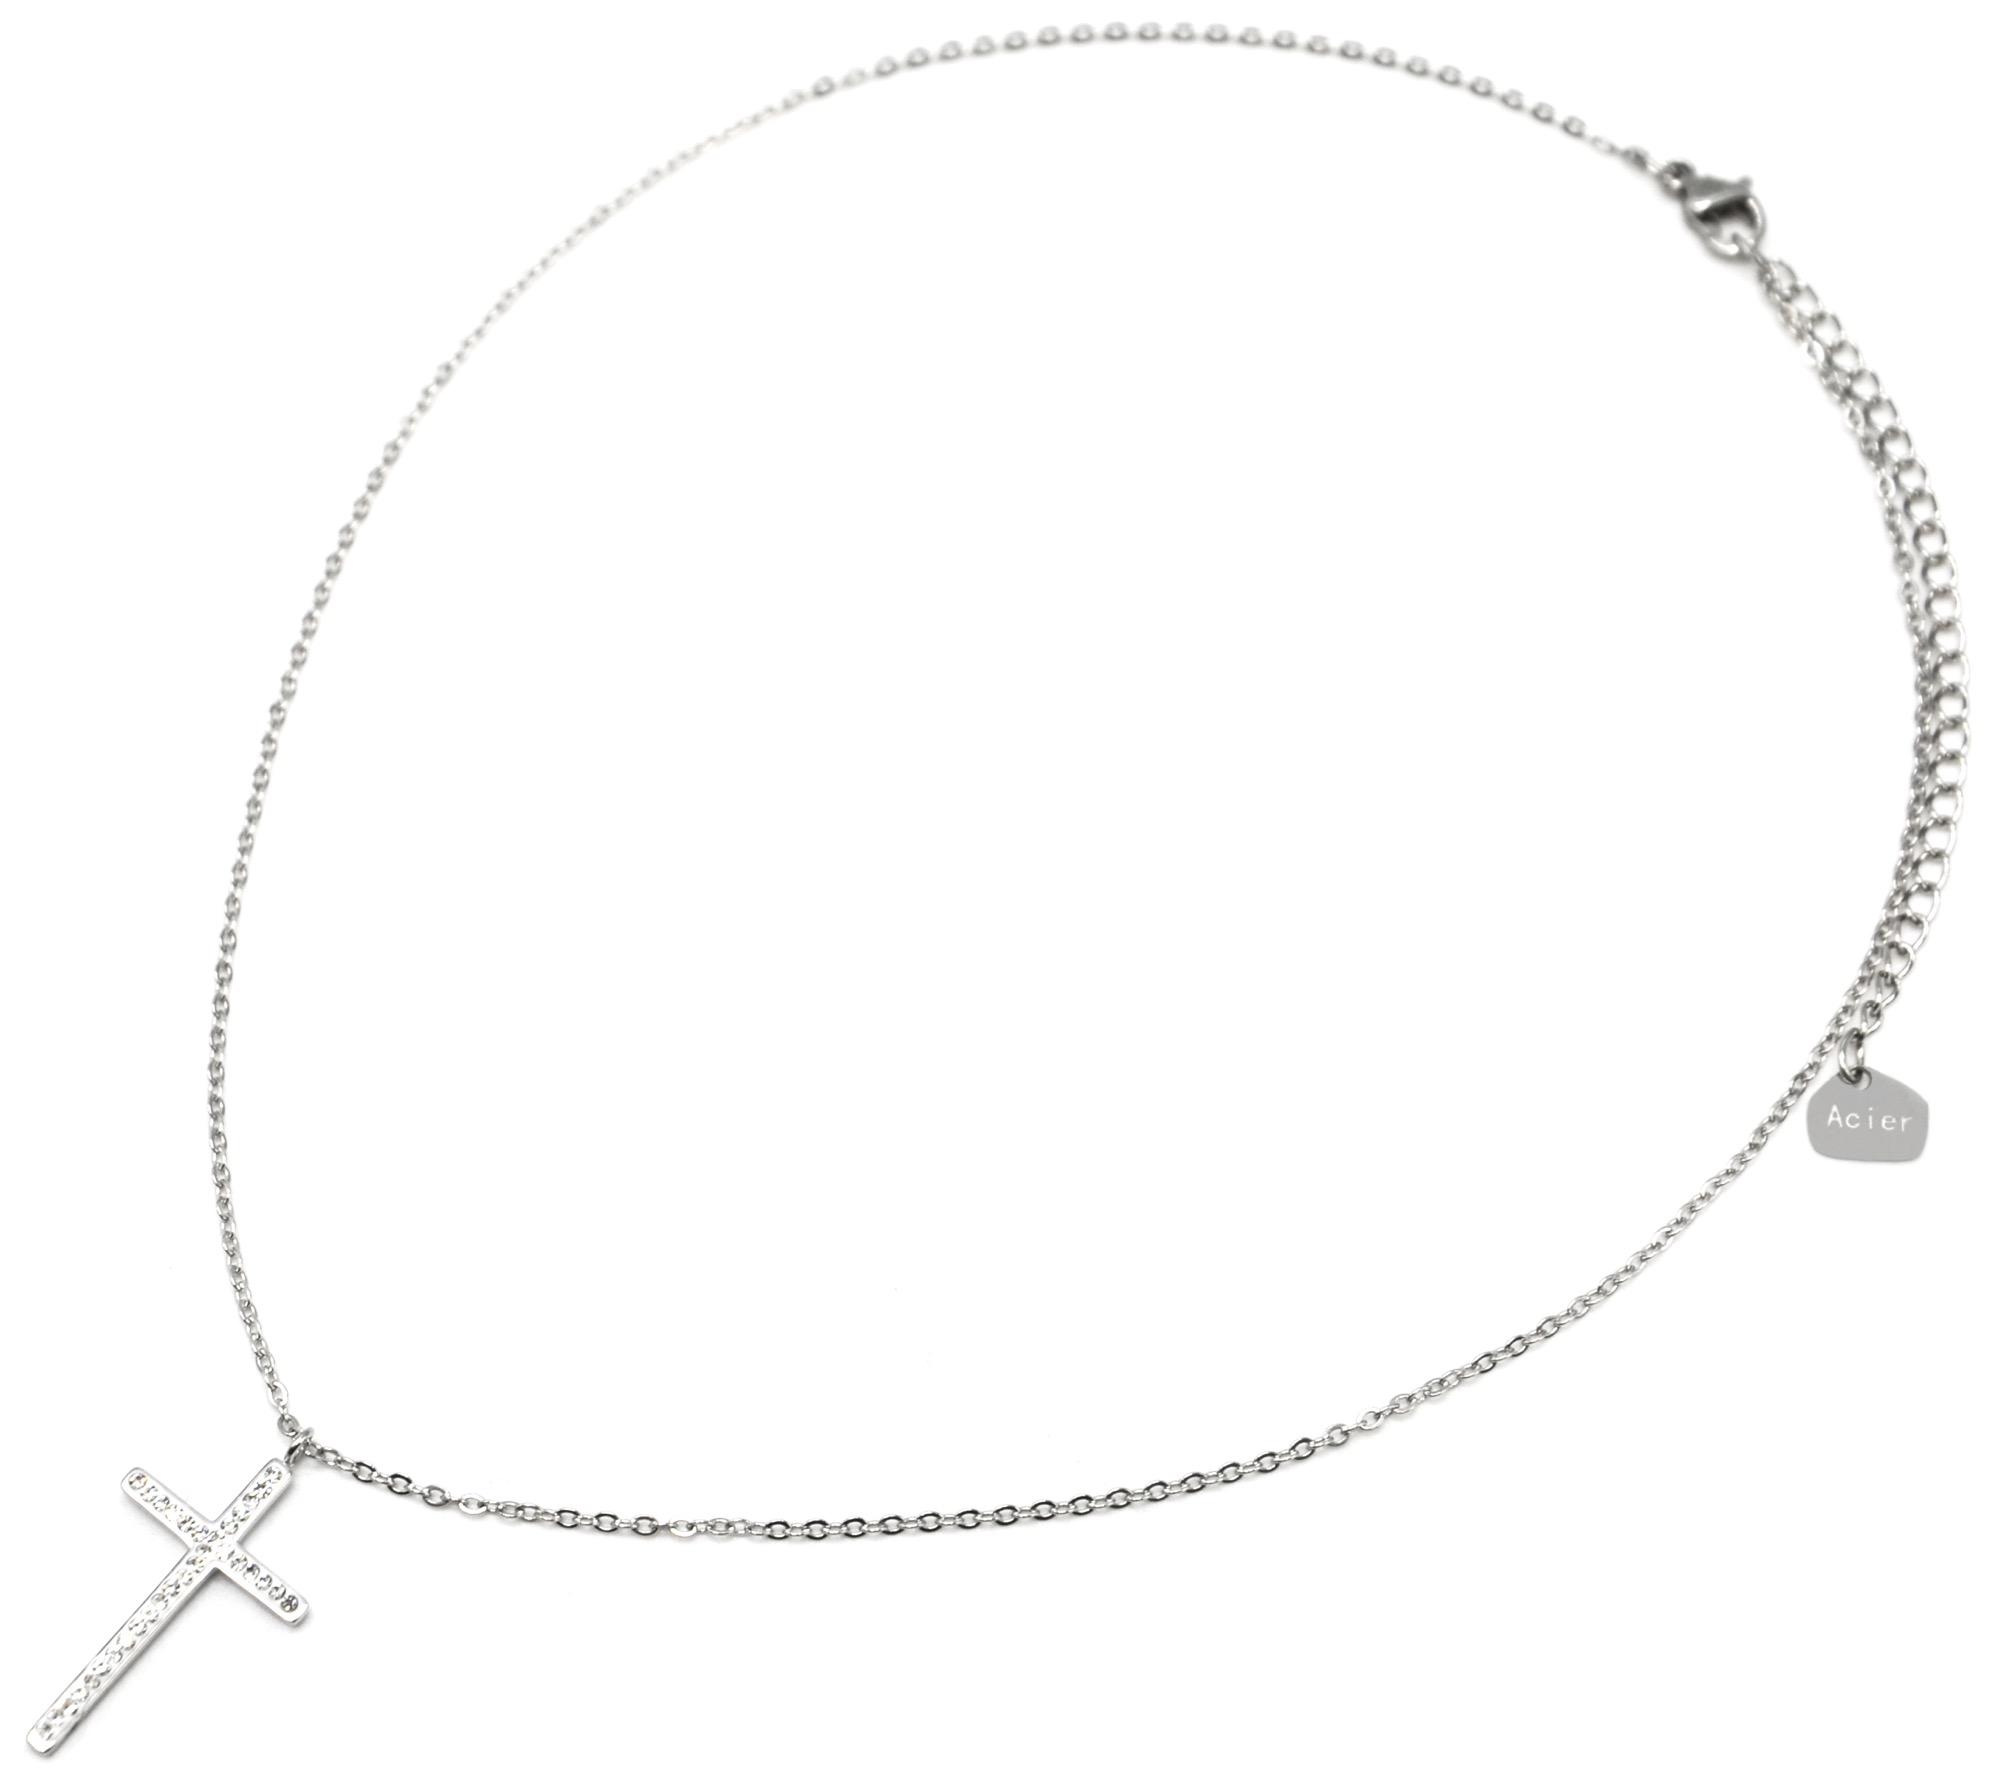 CC2127F Collier Fine Chaîne Mini Perles Email Blanc et Croix Acier Argenté